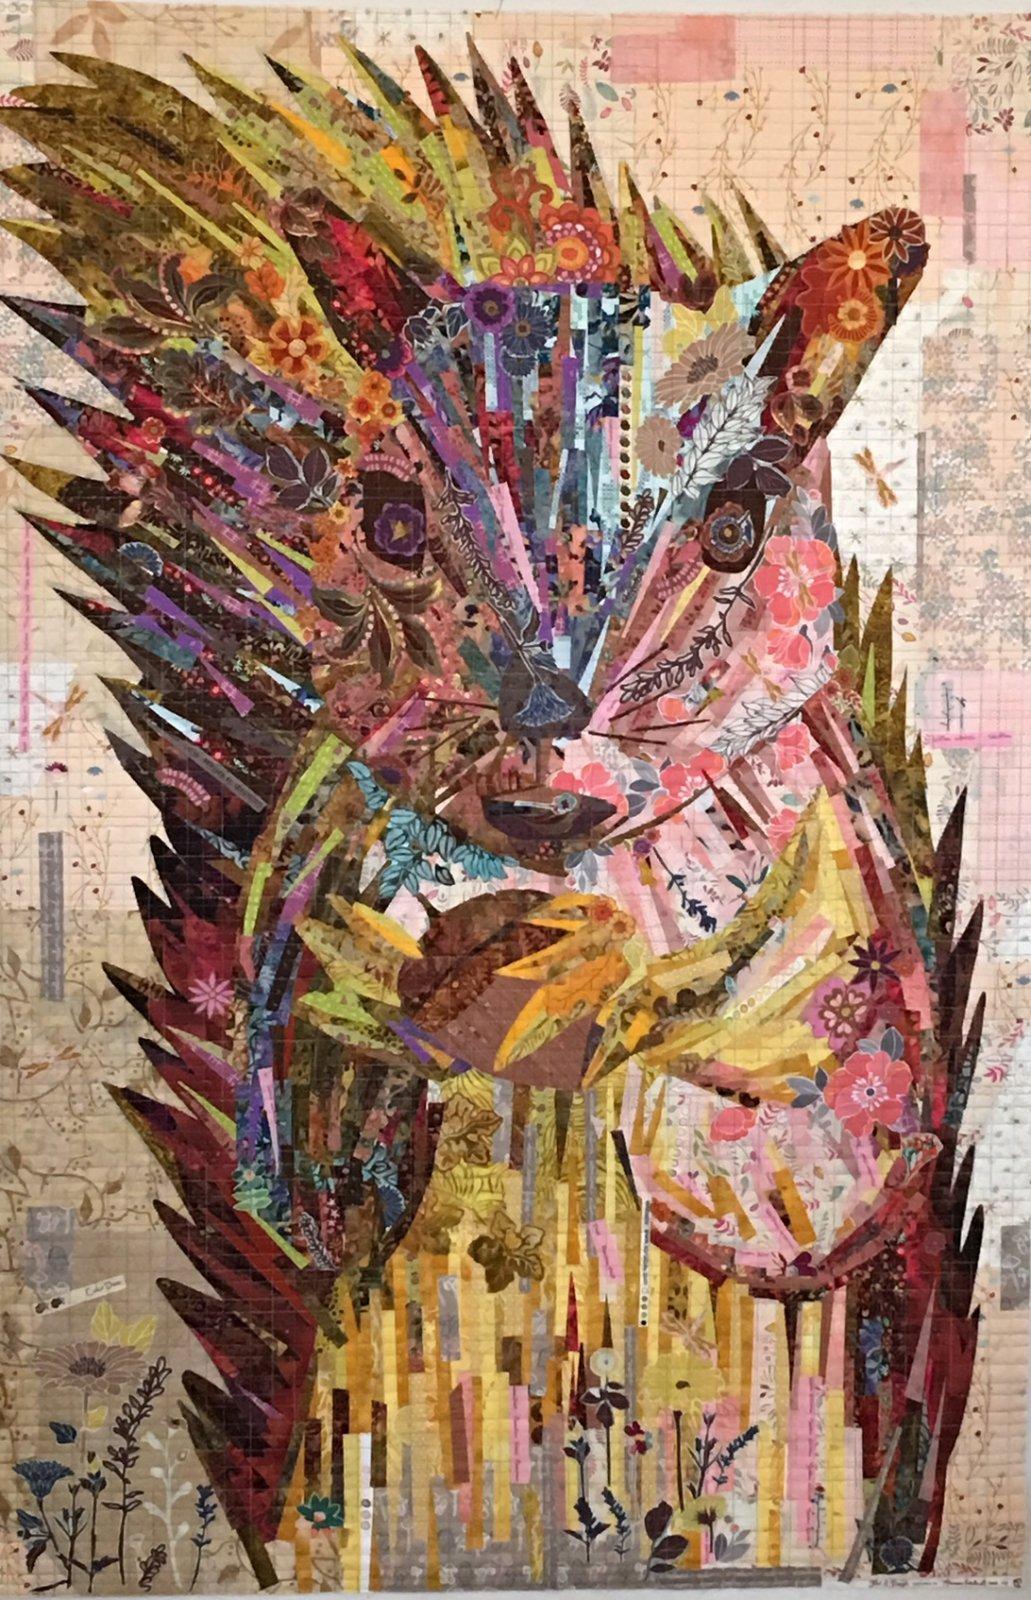 Hazel Nutt Squirrel Collage by Laura Heine